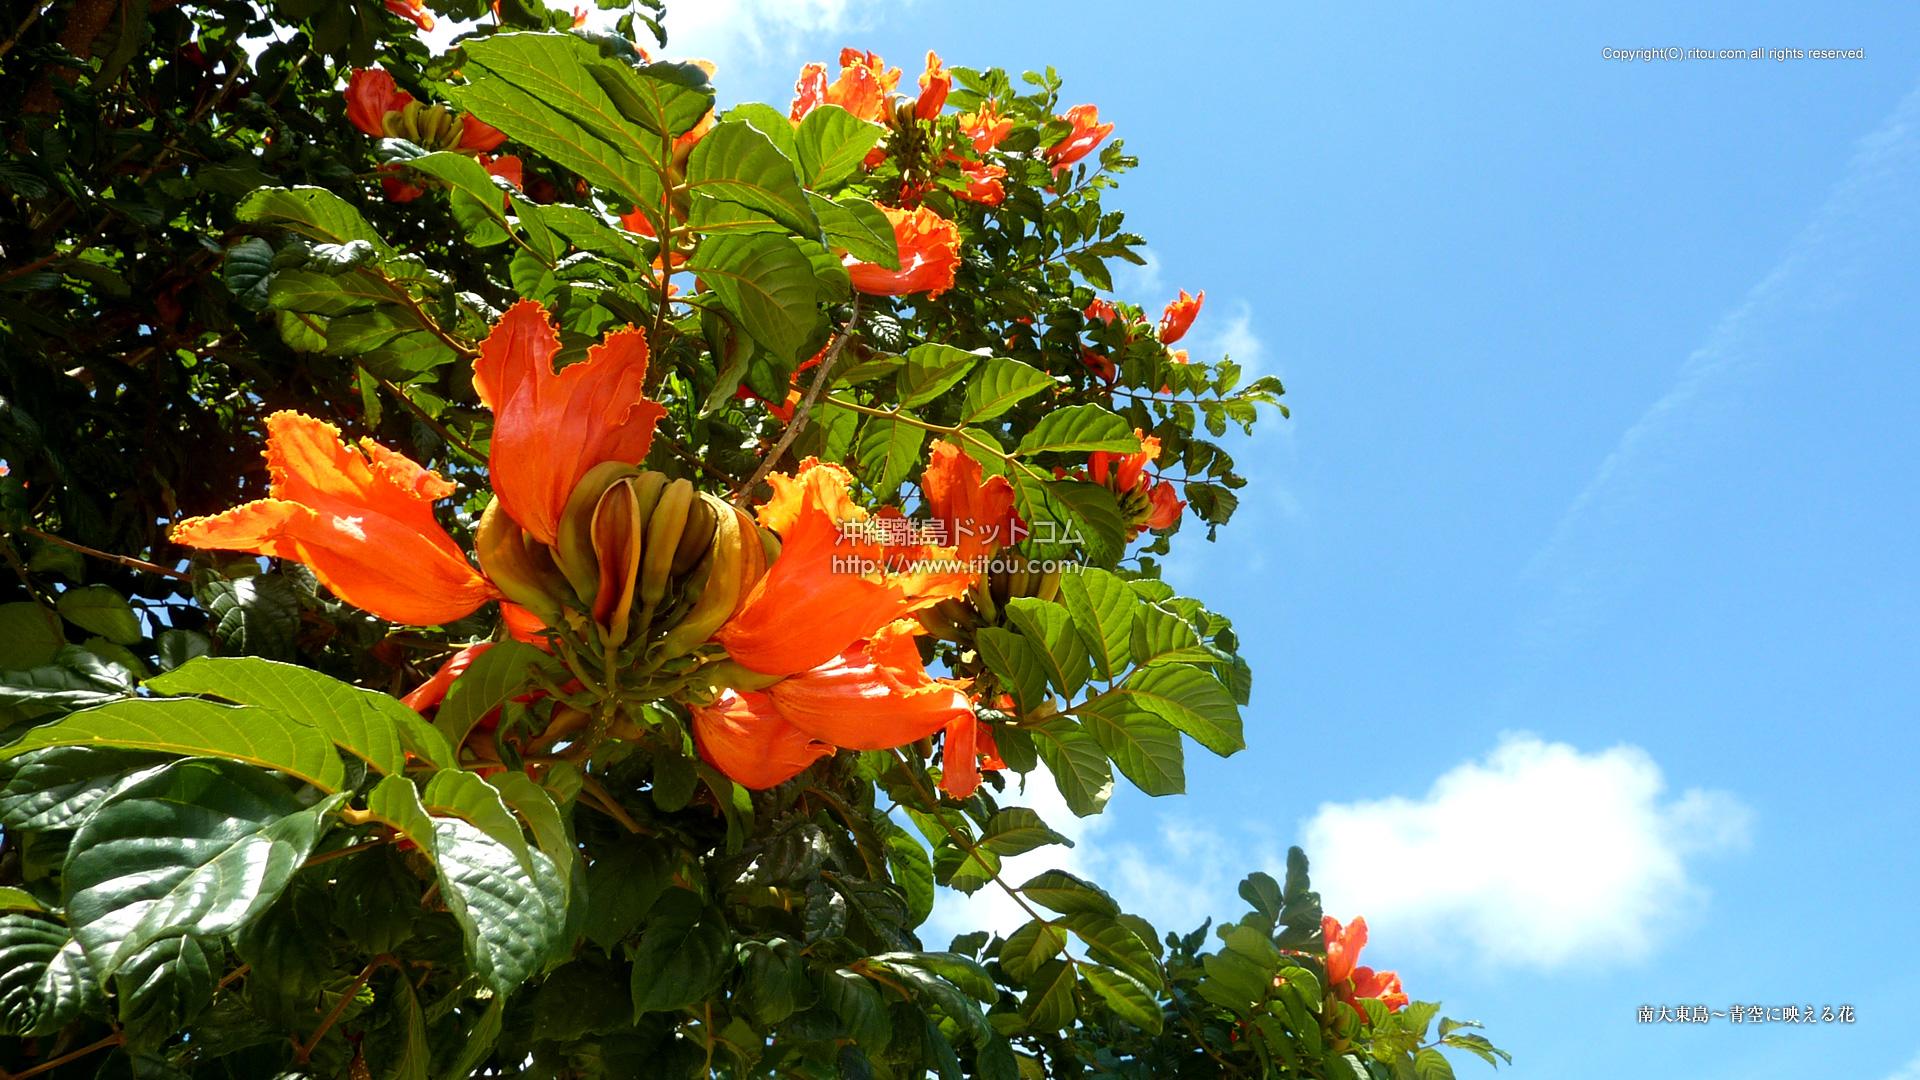 南大東島〜青空に映える花